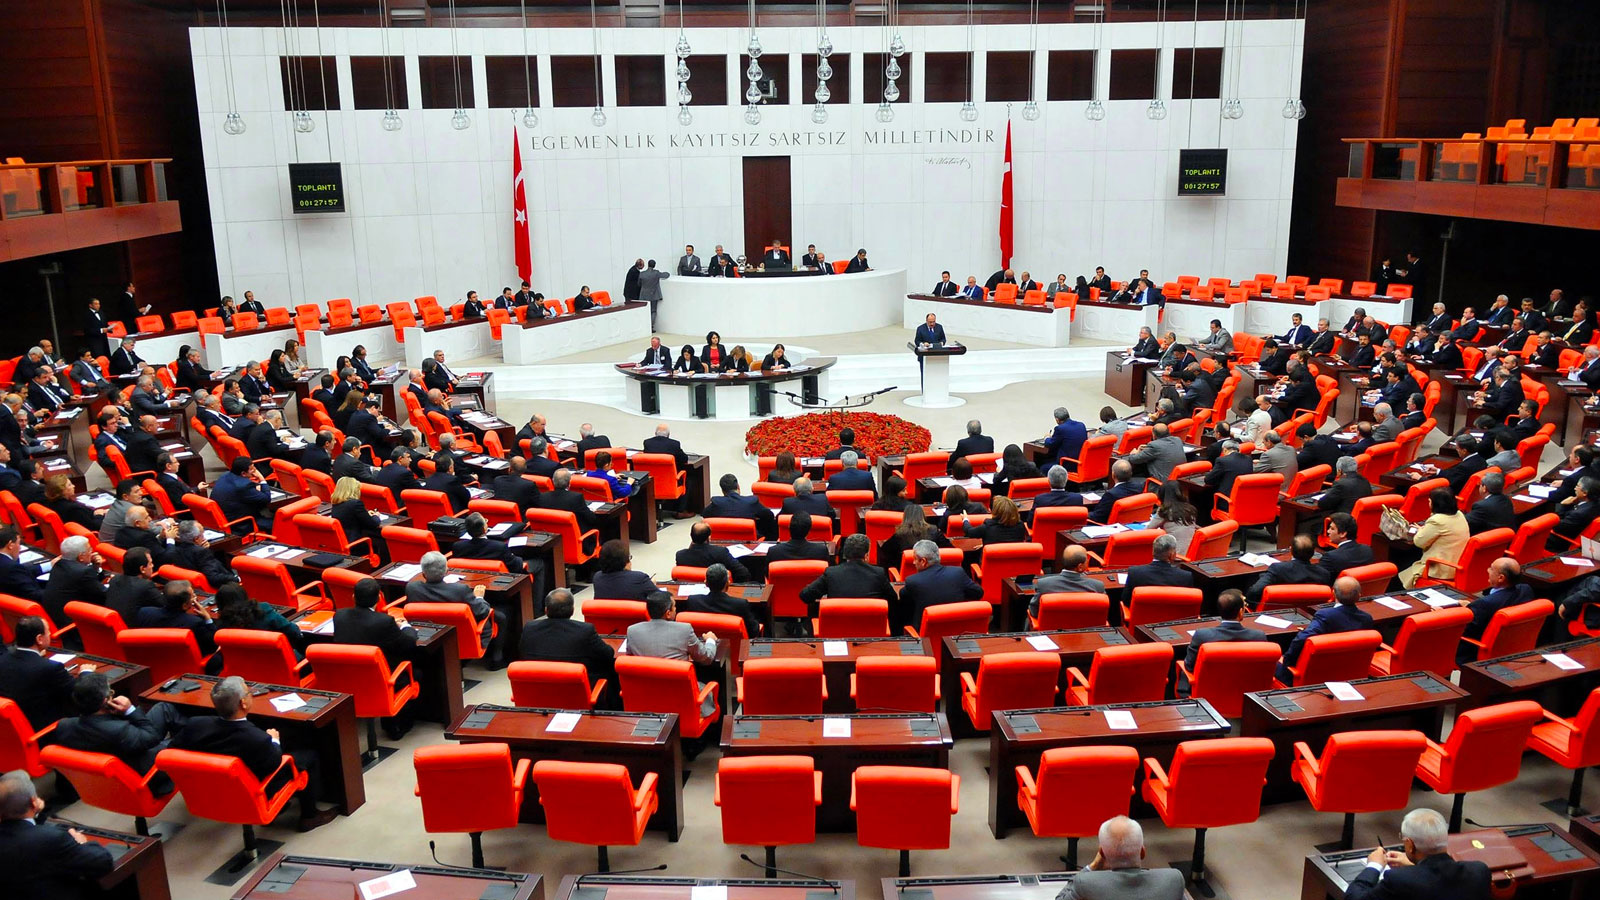 Suriye ve Irak'a sınır ötesi operasyonunun uzatılmasını öngören tezkere Meclis'e sunuldu